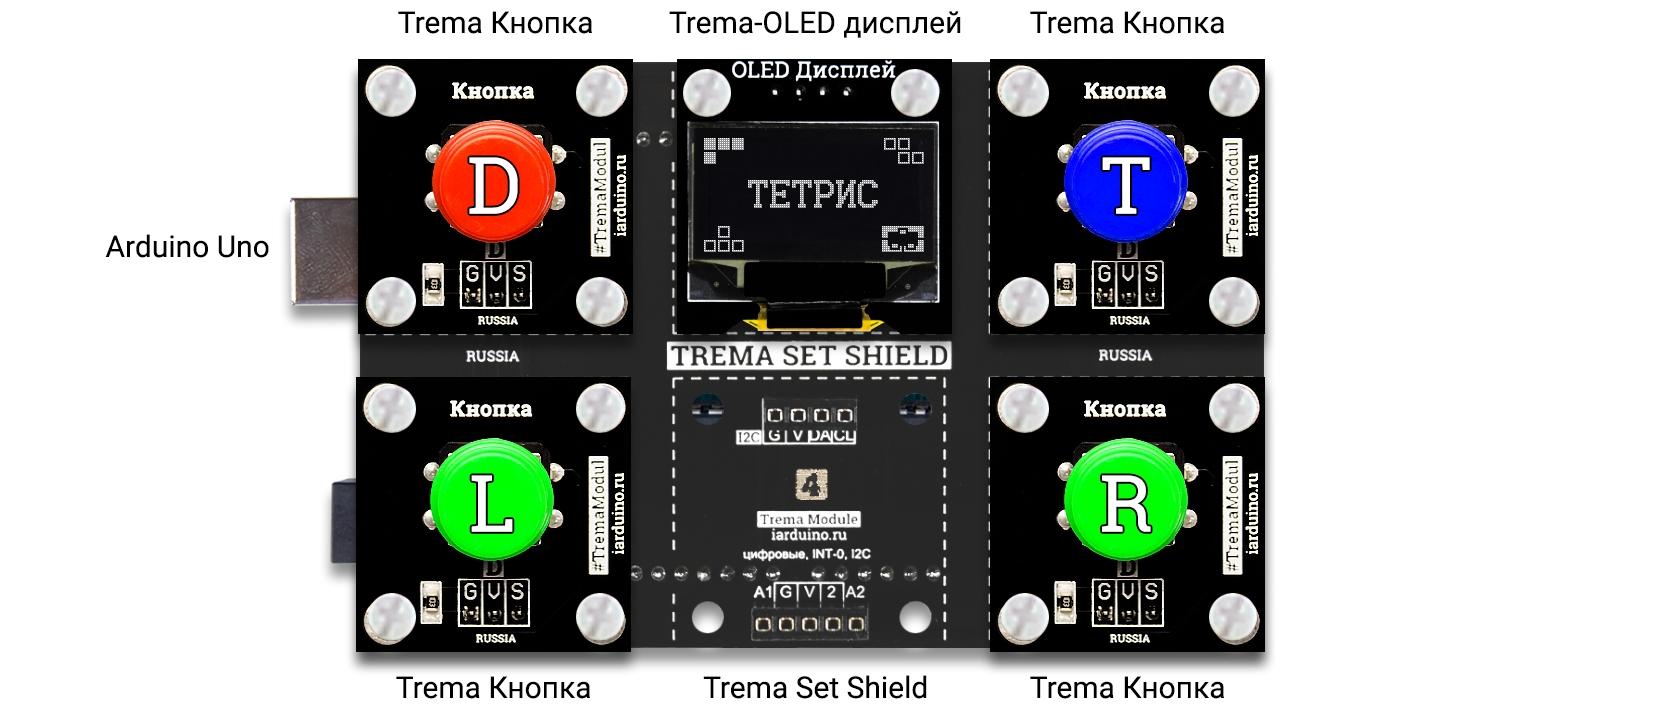 Игра тетрис на Arduino Uno